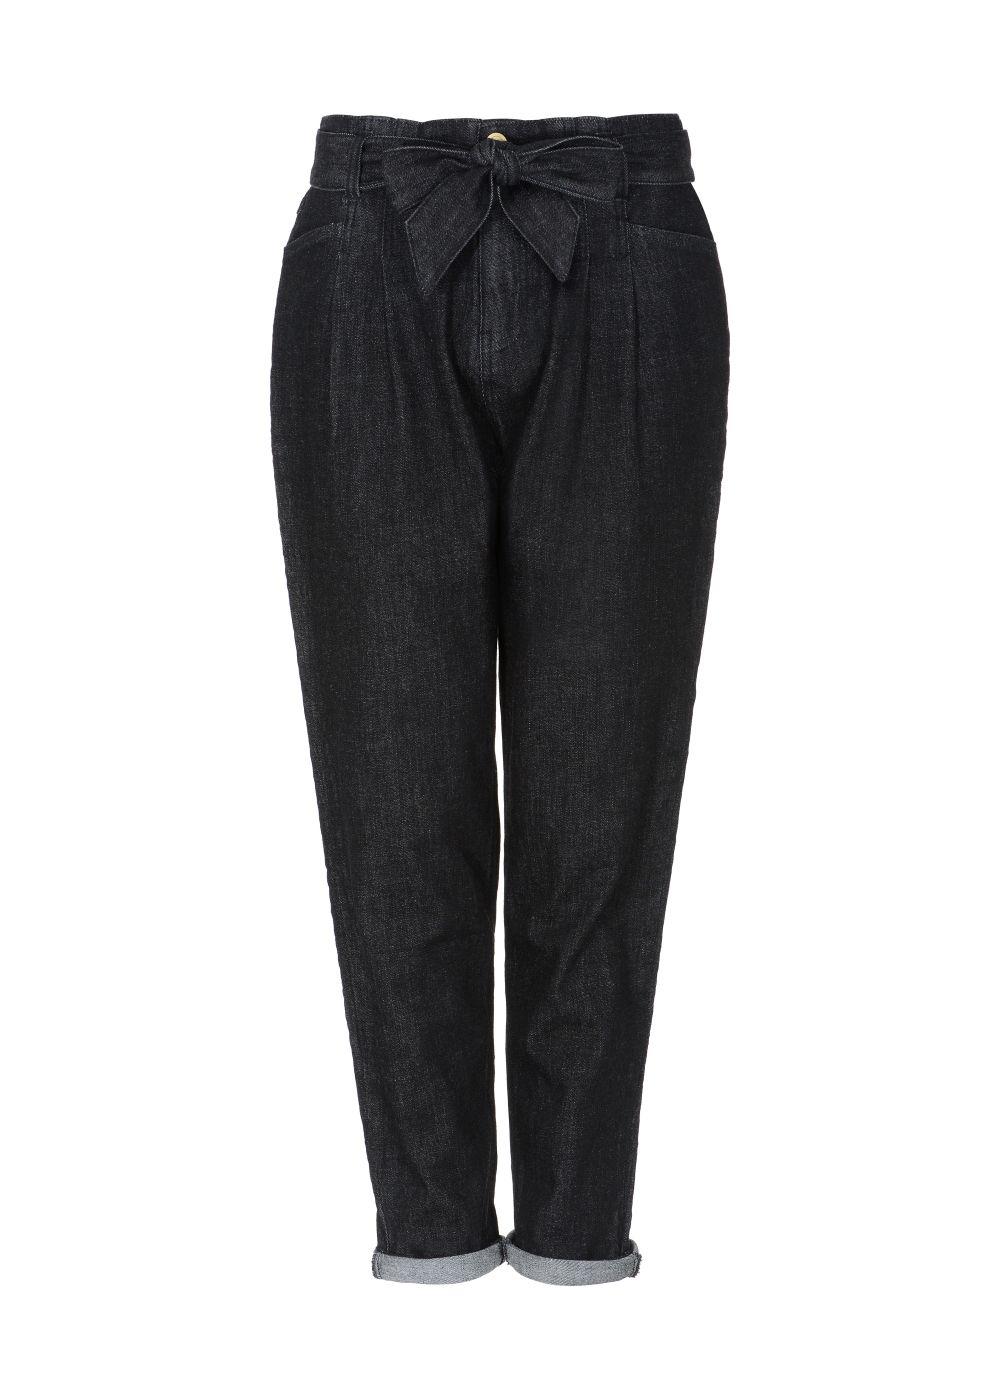 Spodnie damskie SPODT-0055-99(W21)